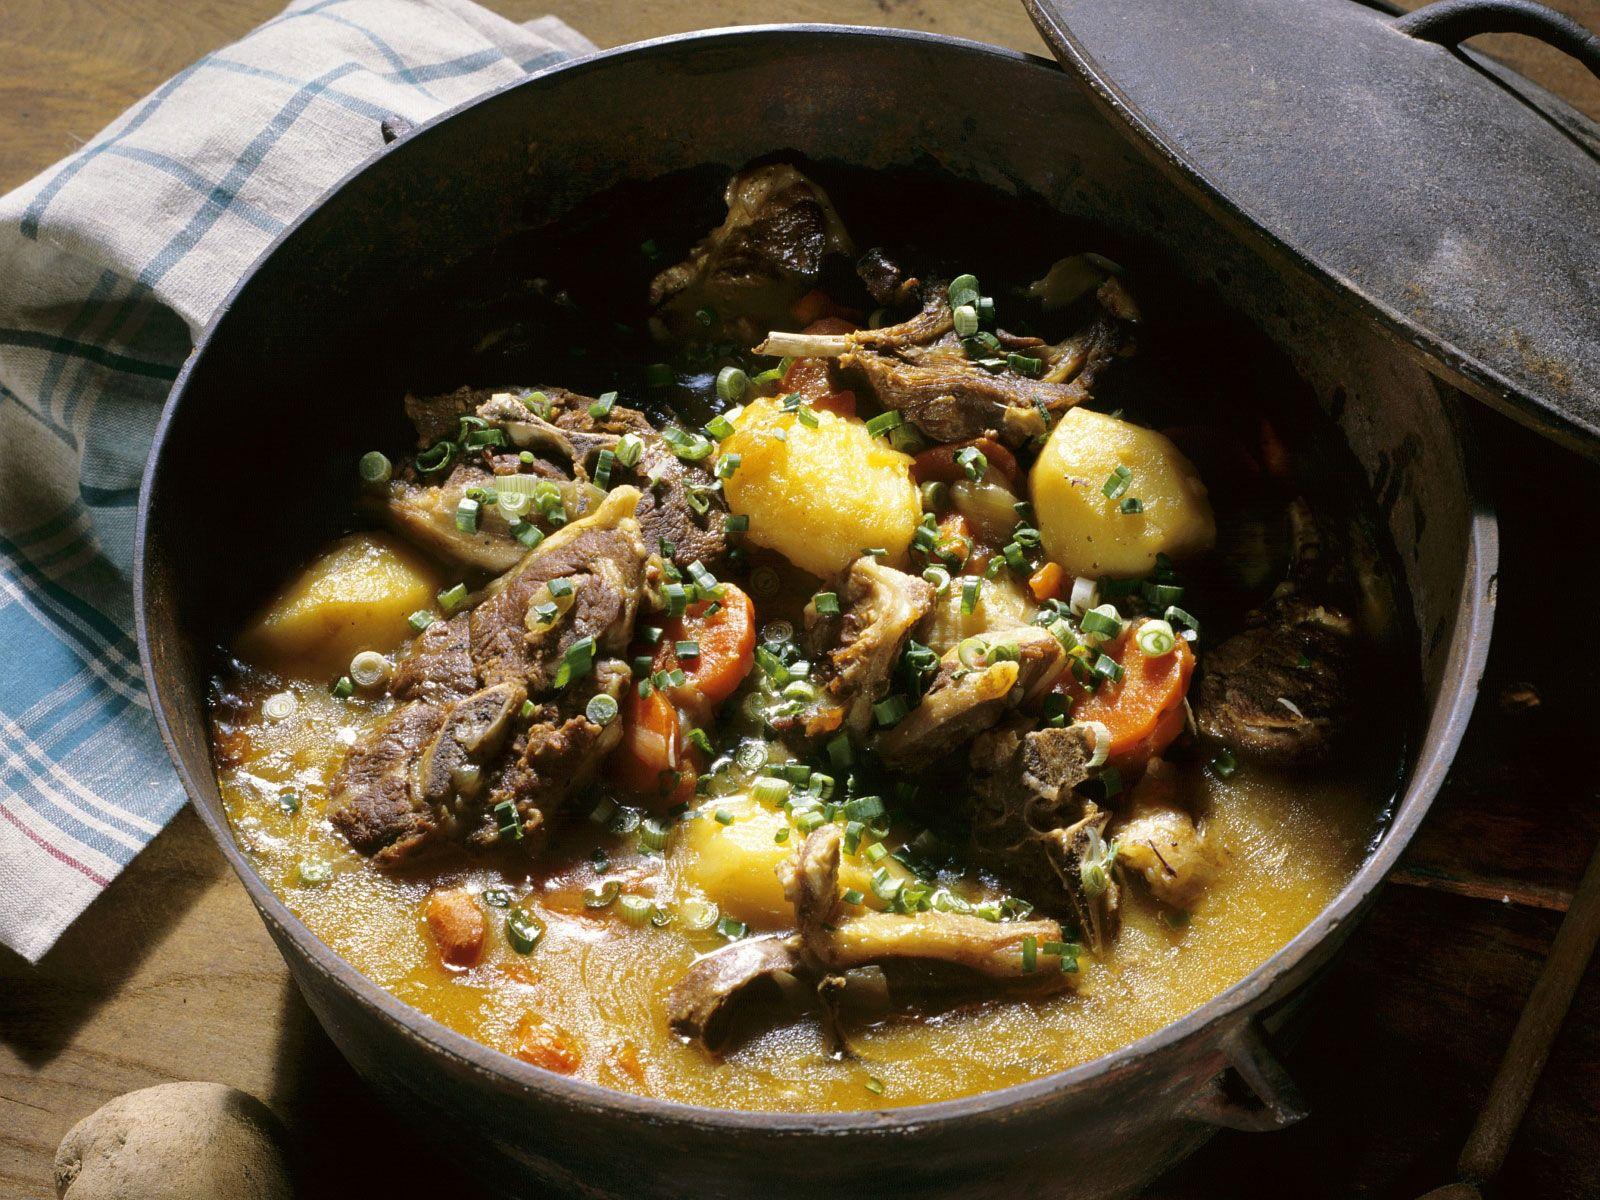 hammeleintopf auf irische art (irish stew) rezept | eat smarter